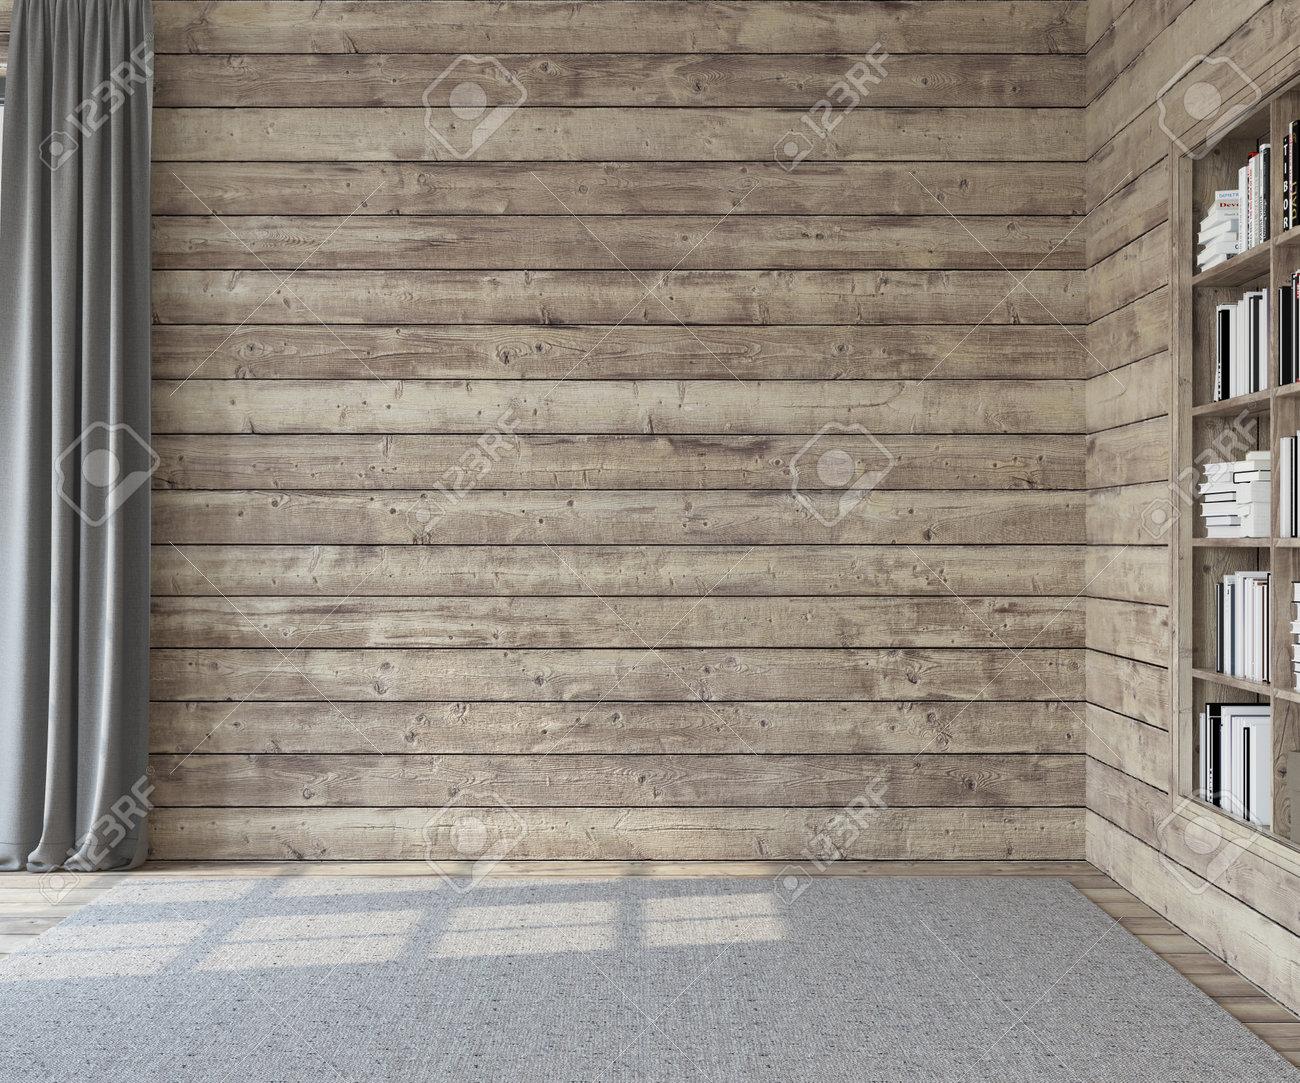 Interior. Empty room with wooden walls. 3d render. - 163984635